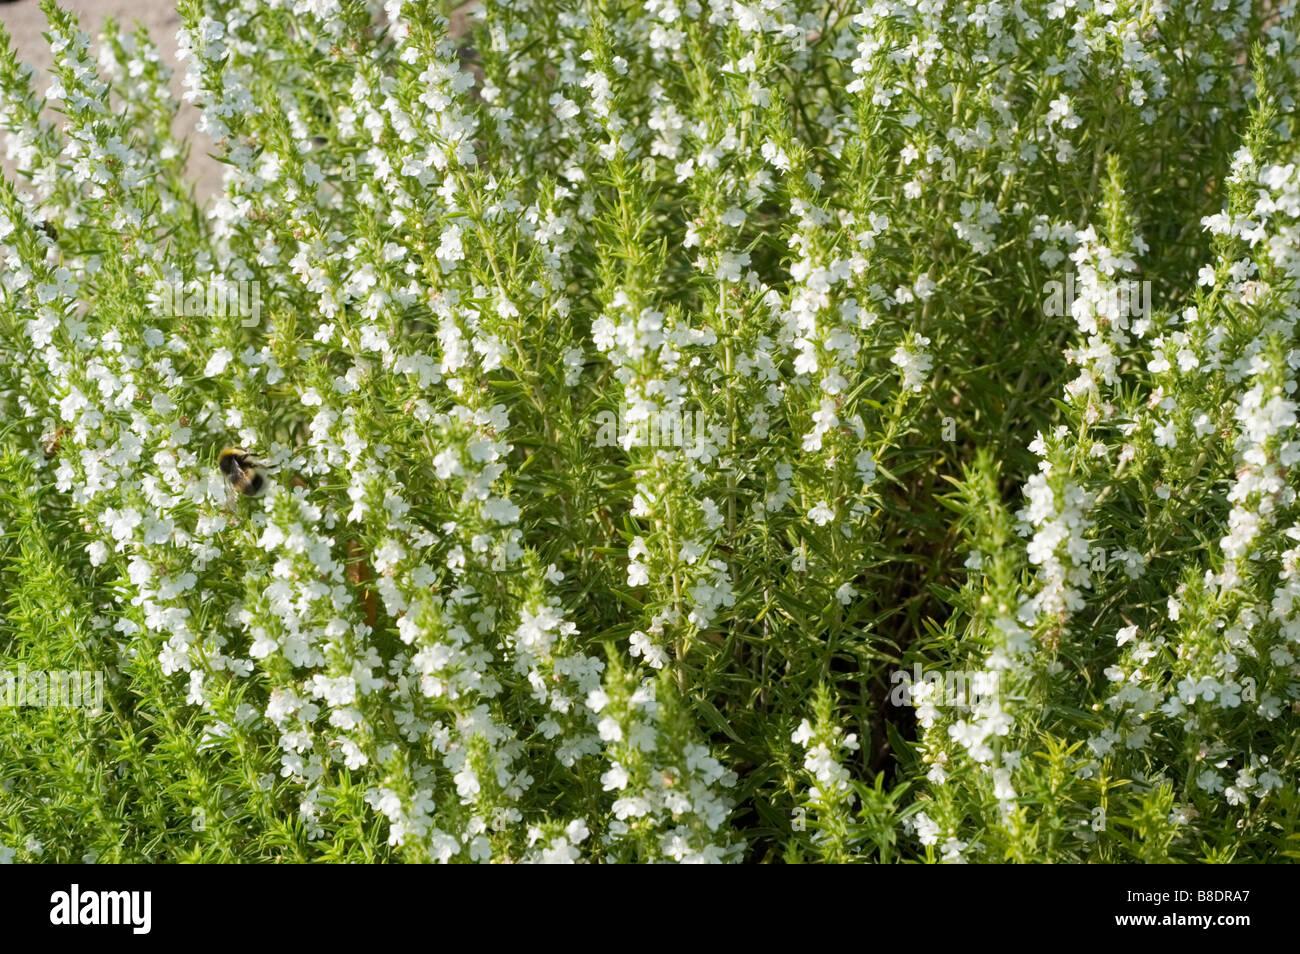 Weiße Blüten von Winterbohnenkraut Satureja montana Stockbild